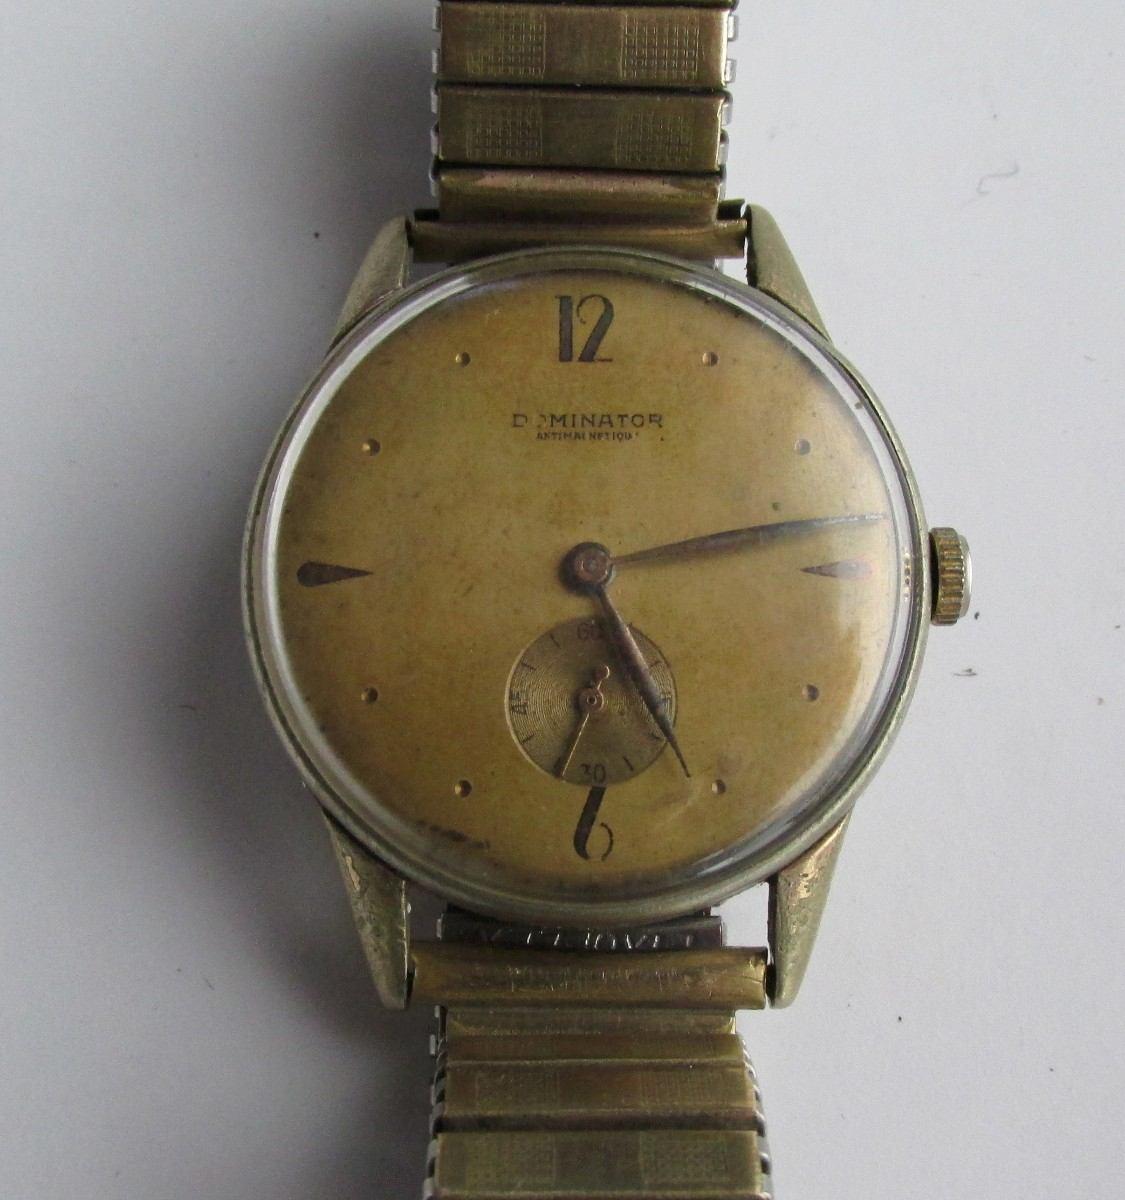 6d17ff215bf6 antiguo reloj de pulsera dominator enchapado en oro. Cargando zoom.